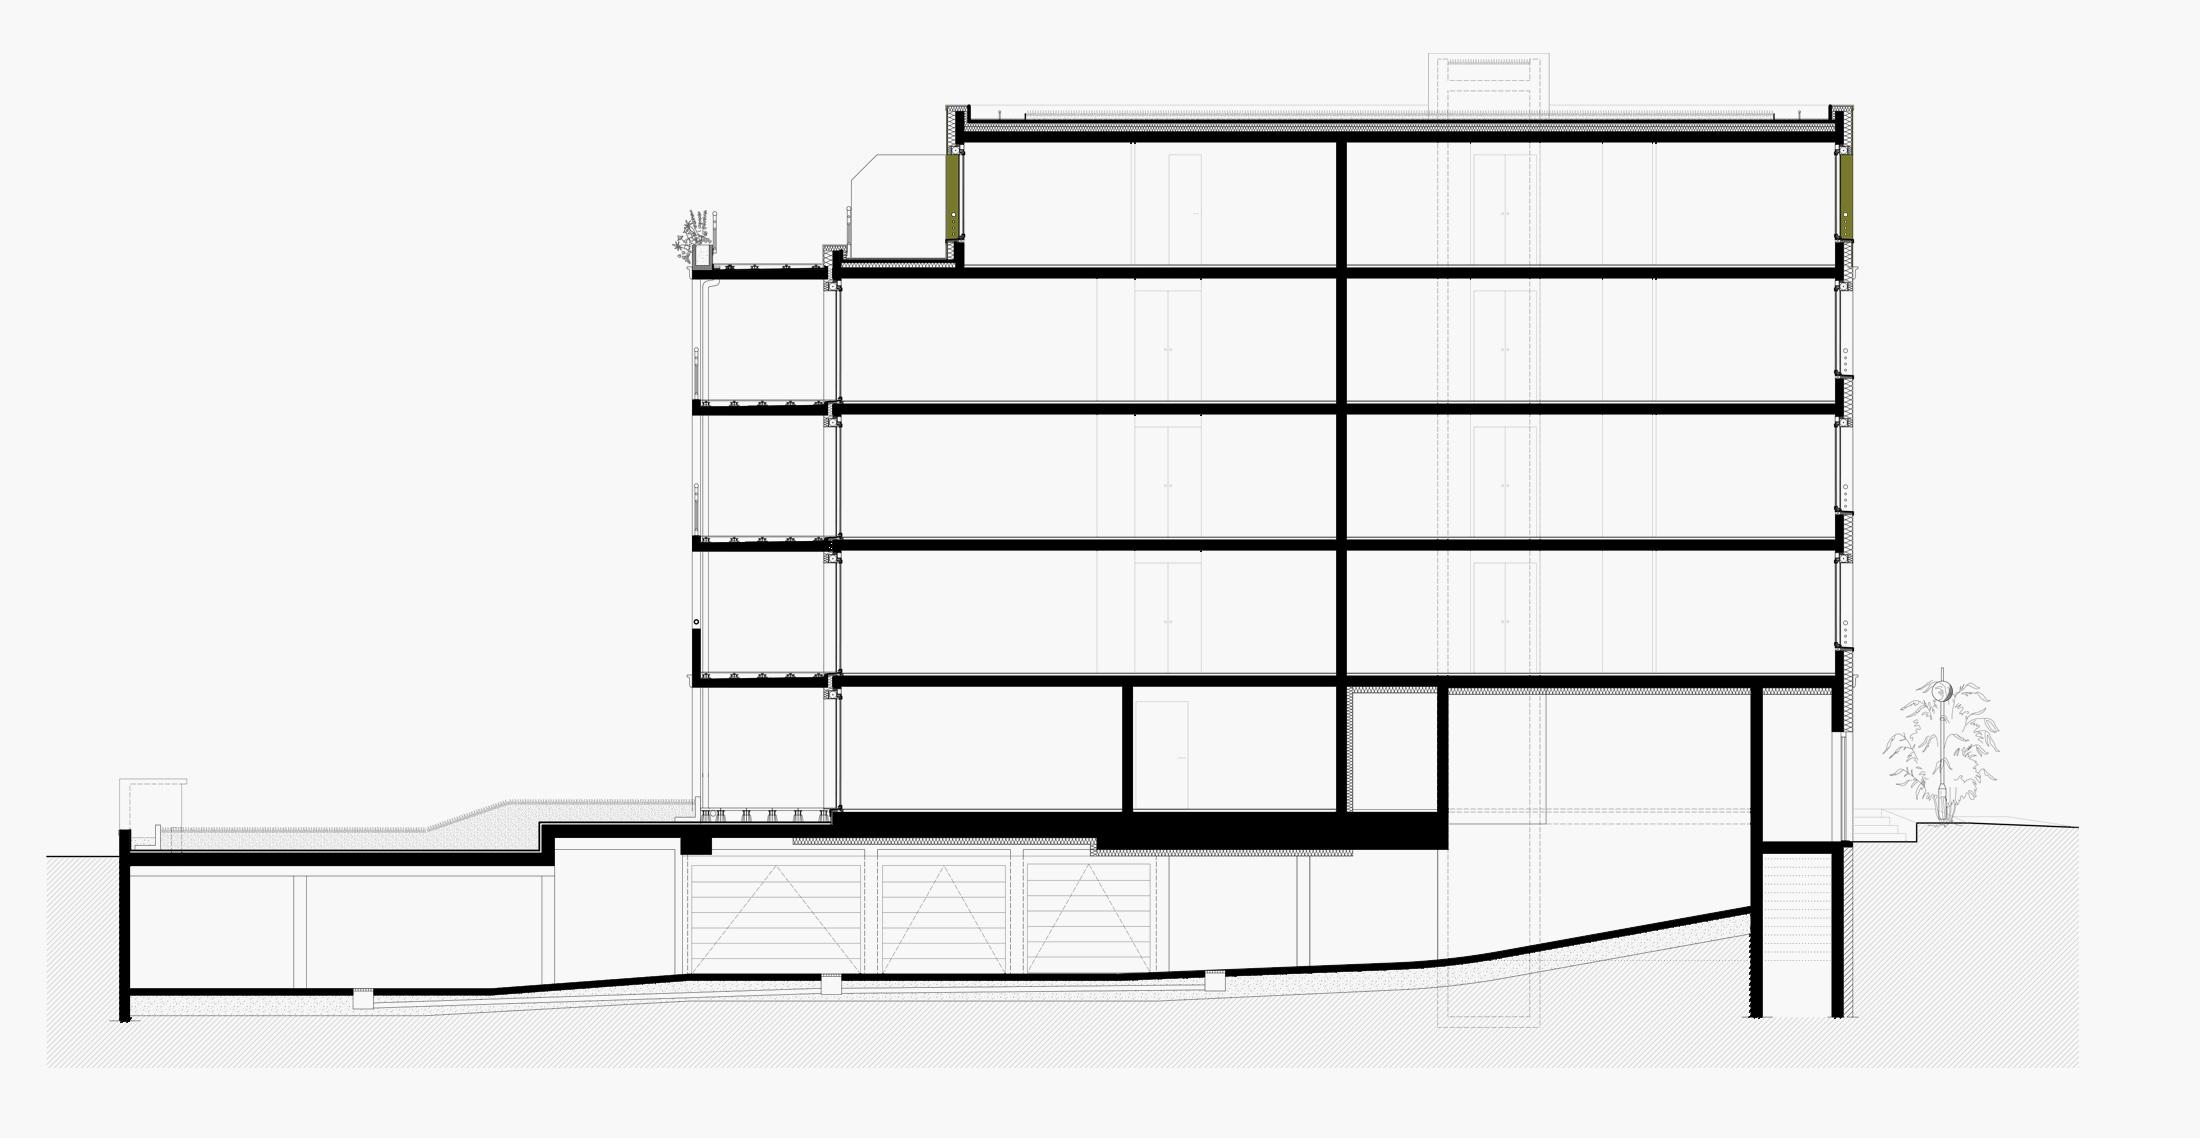 Dessin technique batiment et architecture - Plans pour DCE - Savoie Plan